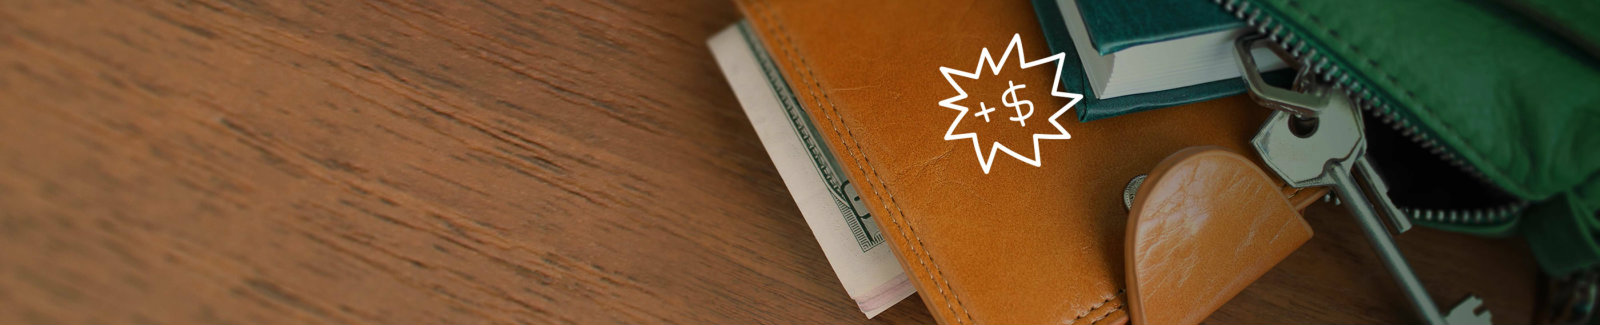 Kasasa Cash Back Checking Account